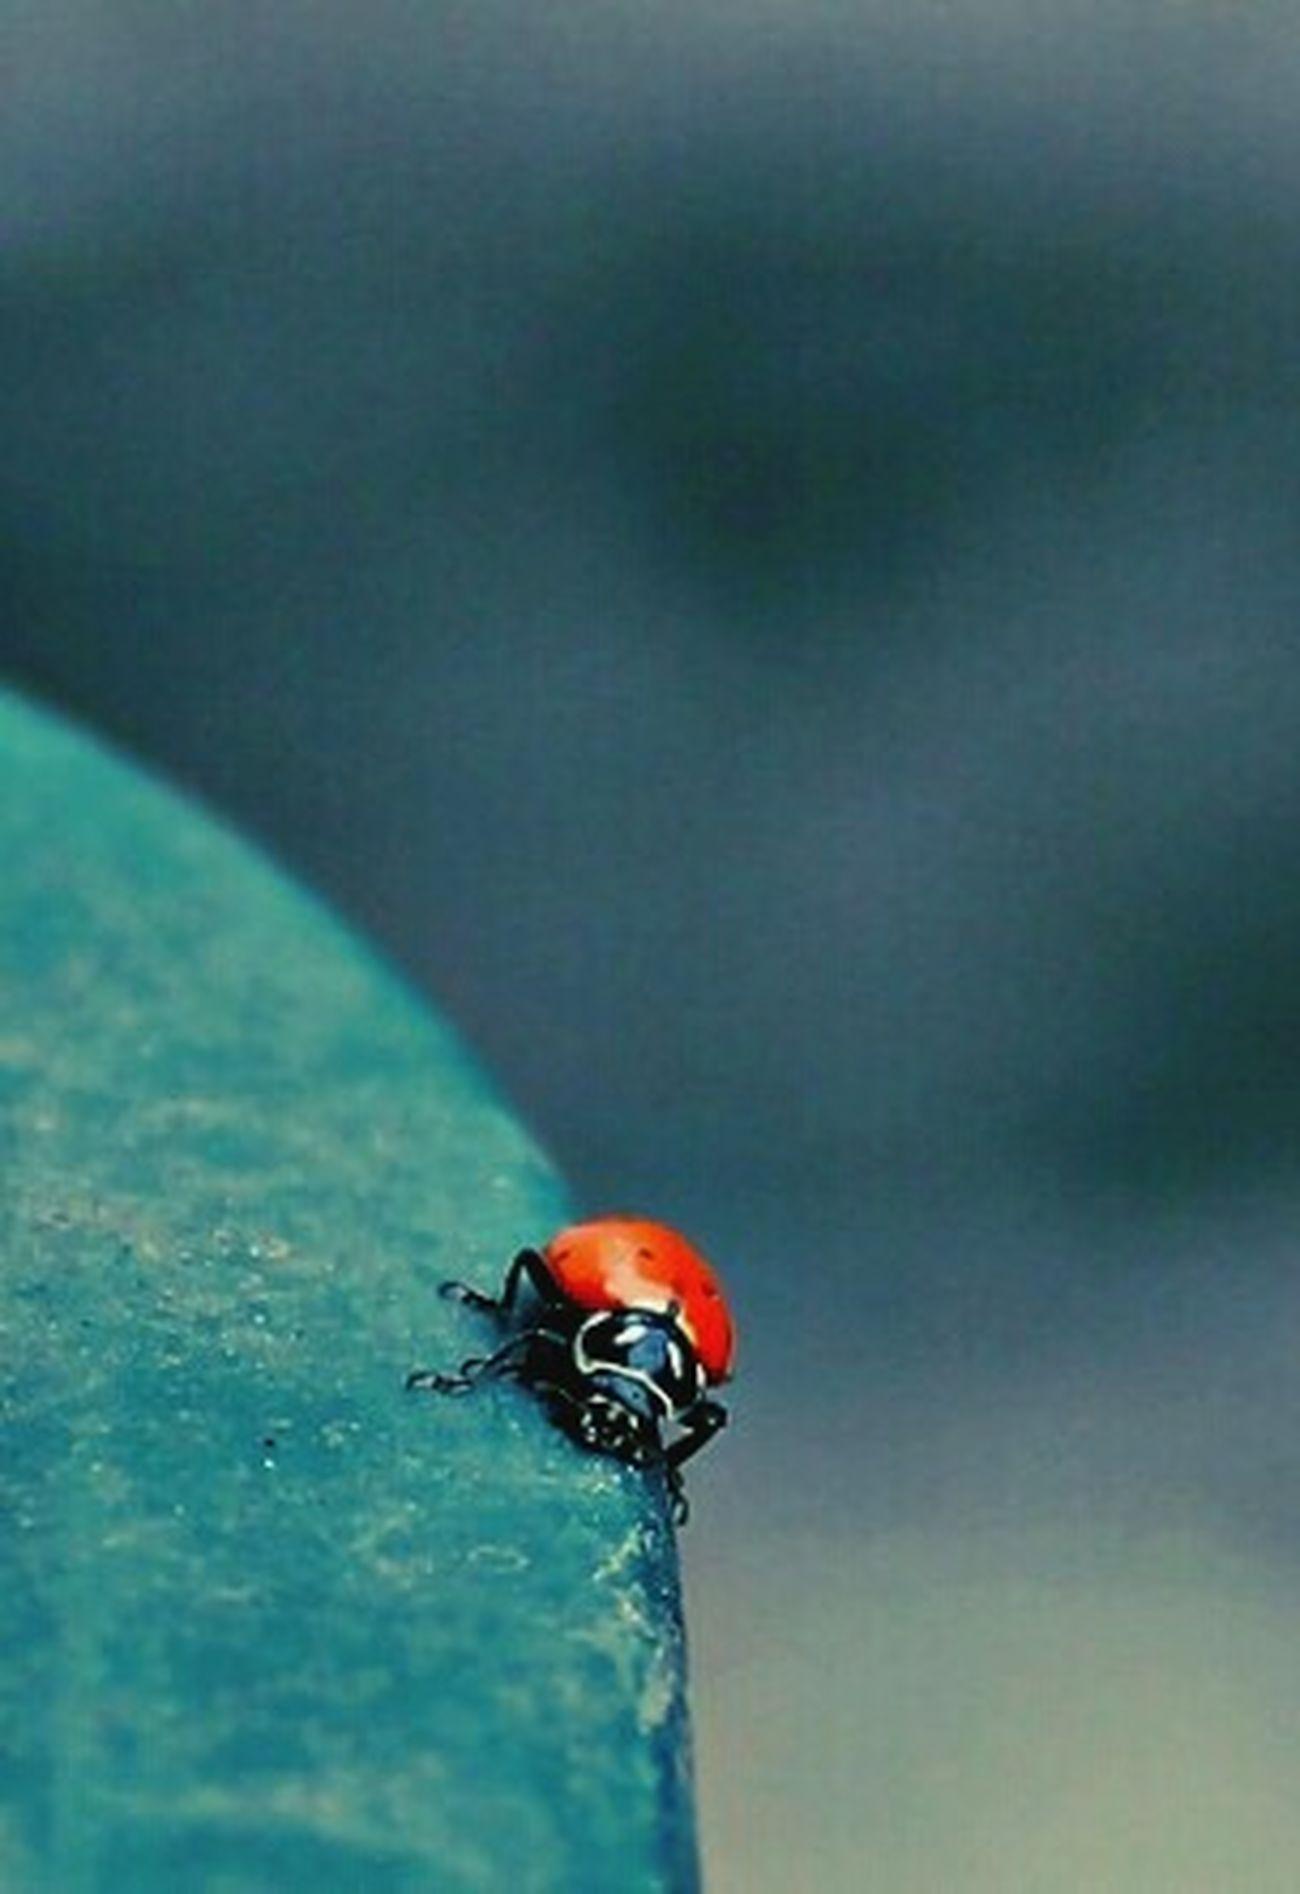 Ladybug. Ladybug Ladybug😊😊🐞🐞🐞 LadyBugLove Ladybug🐞 Ladybug Collection Ladybugs Photography Naturelovers Mariquitas Catarina Insects At My Garden Enjoying Life Hello World Ladybugs Ladybugs Everywhere Ladybuglovers Ladybugmacro Ladybugphoto